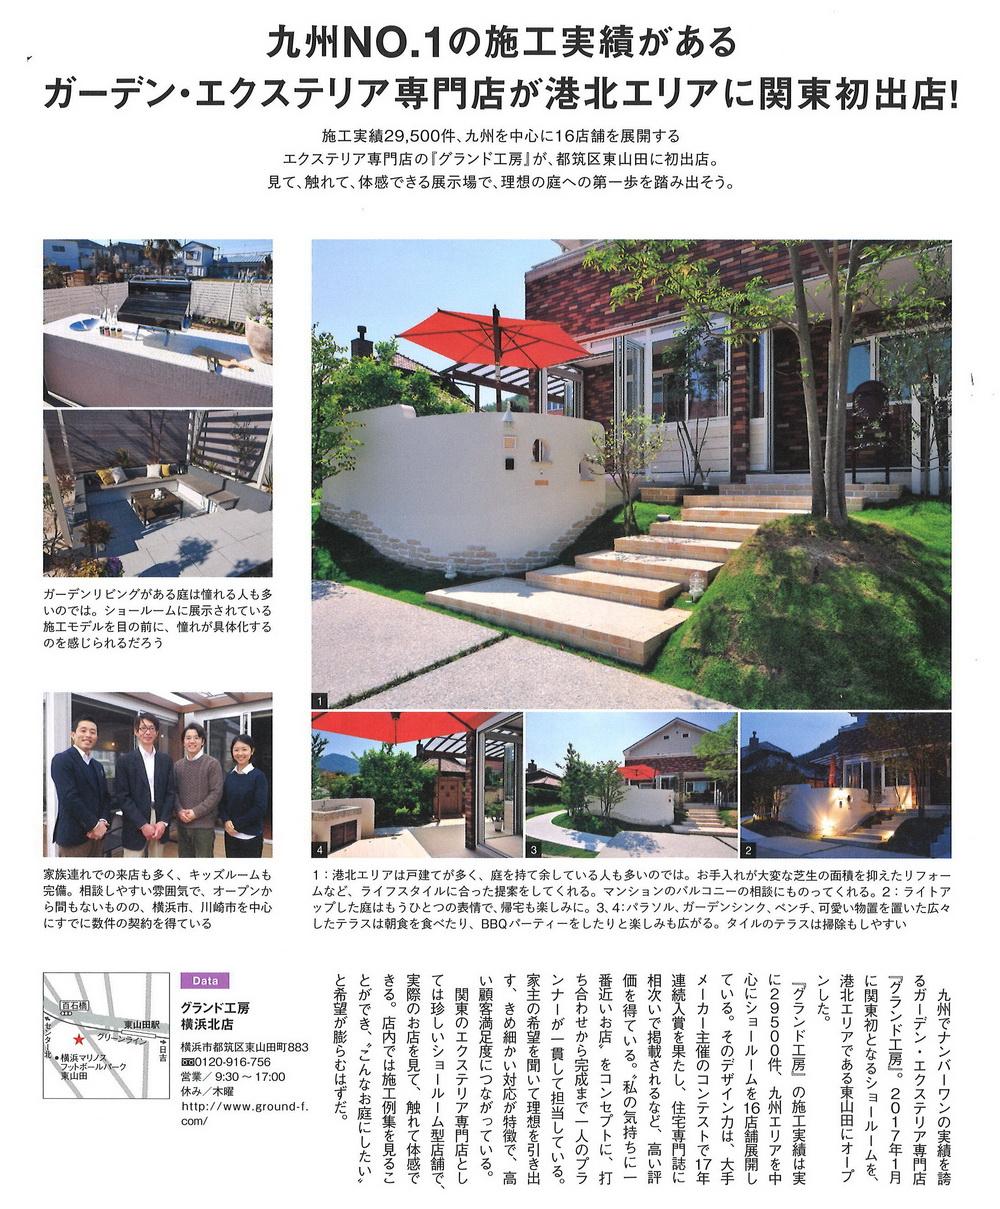 『田園都市生活』にて横浜北店についての記事が掲載されました。...